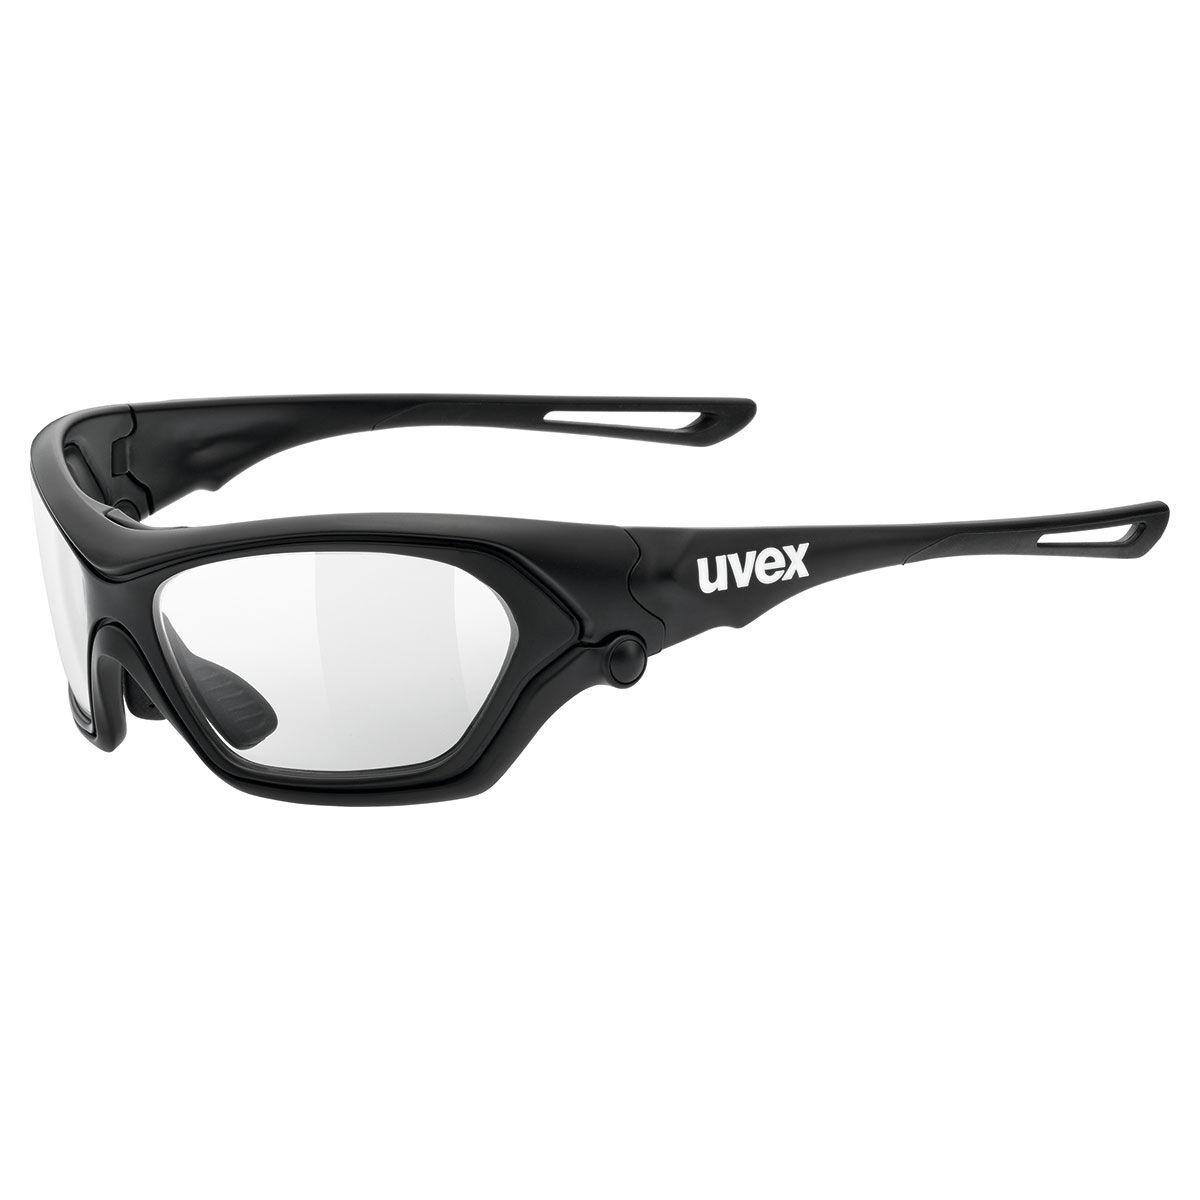 Uvex optisk indsats 705v705